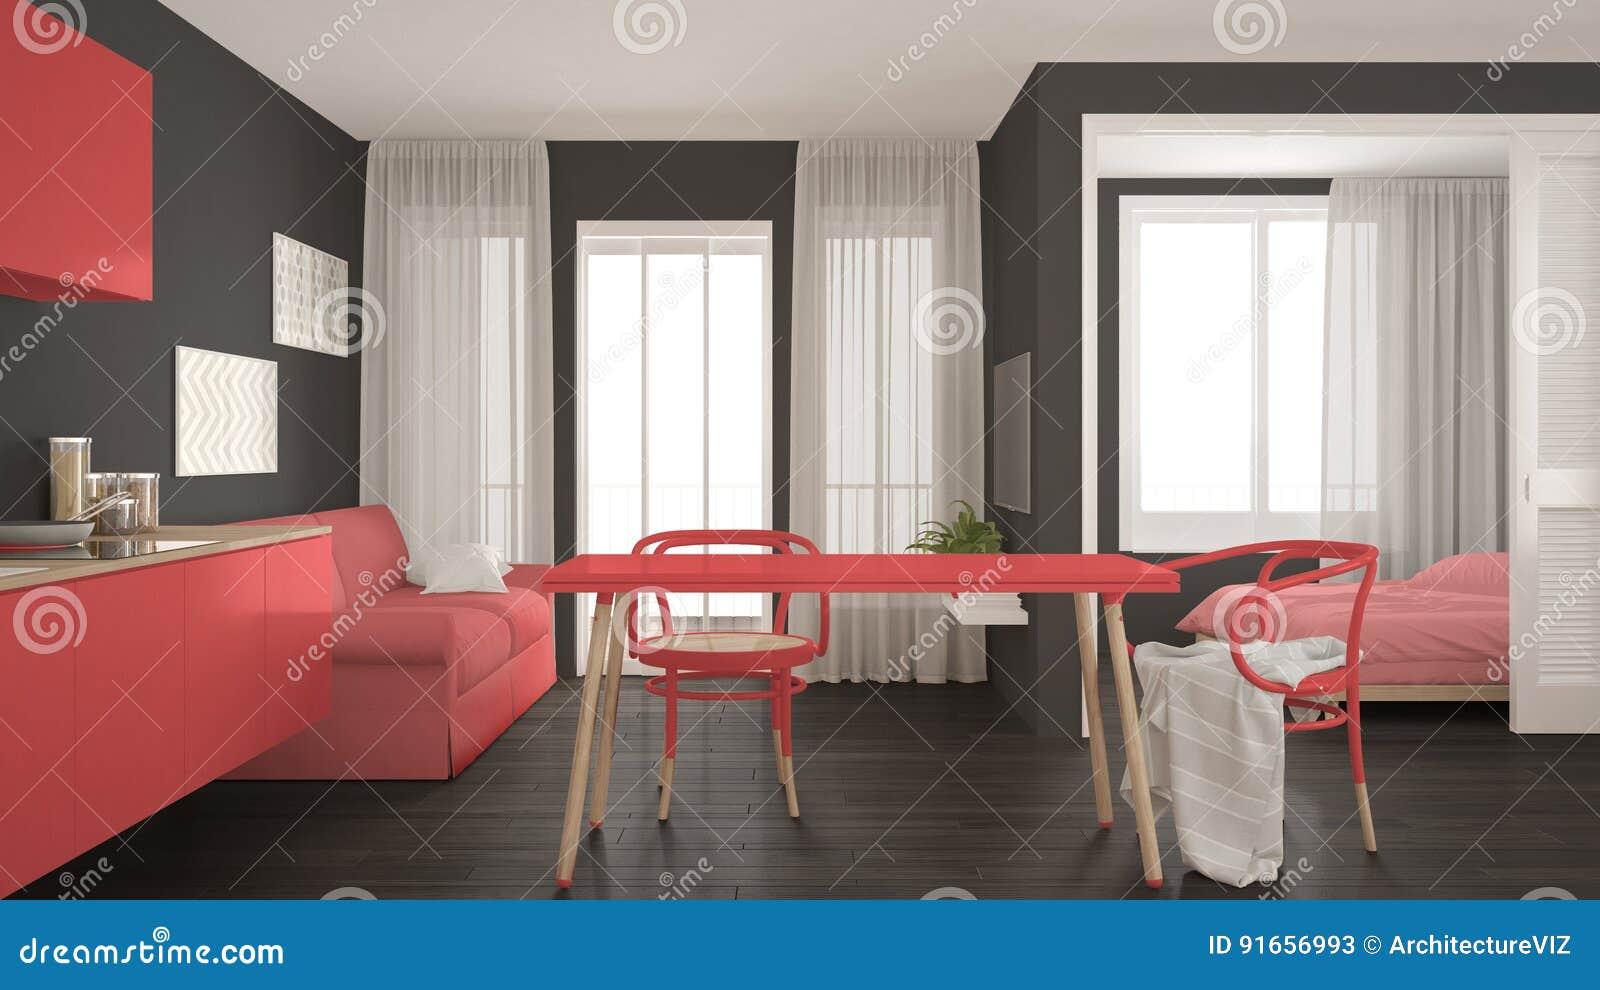 Cucina Soggiorno Camera Da Letto.Cucina E Salone Minimi Moderni Con La Camera Da Letto Nel